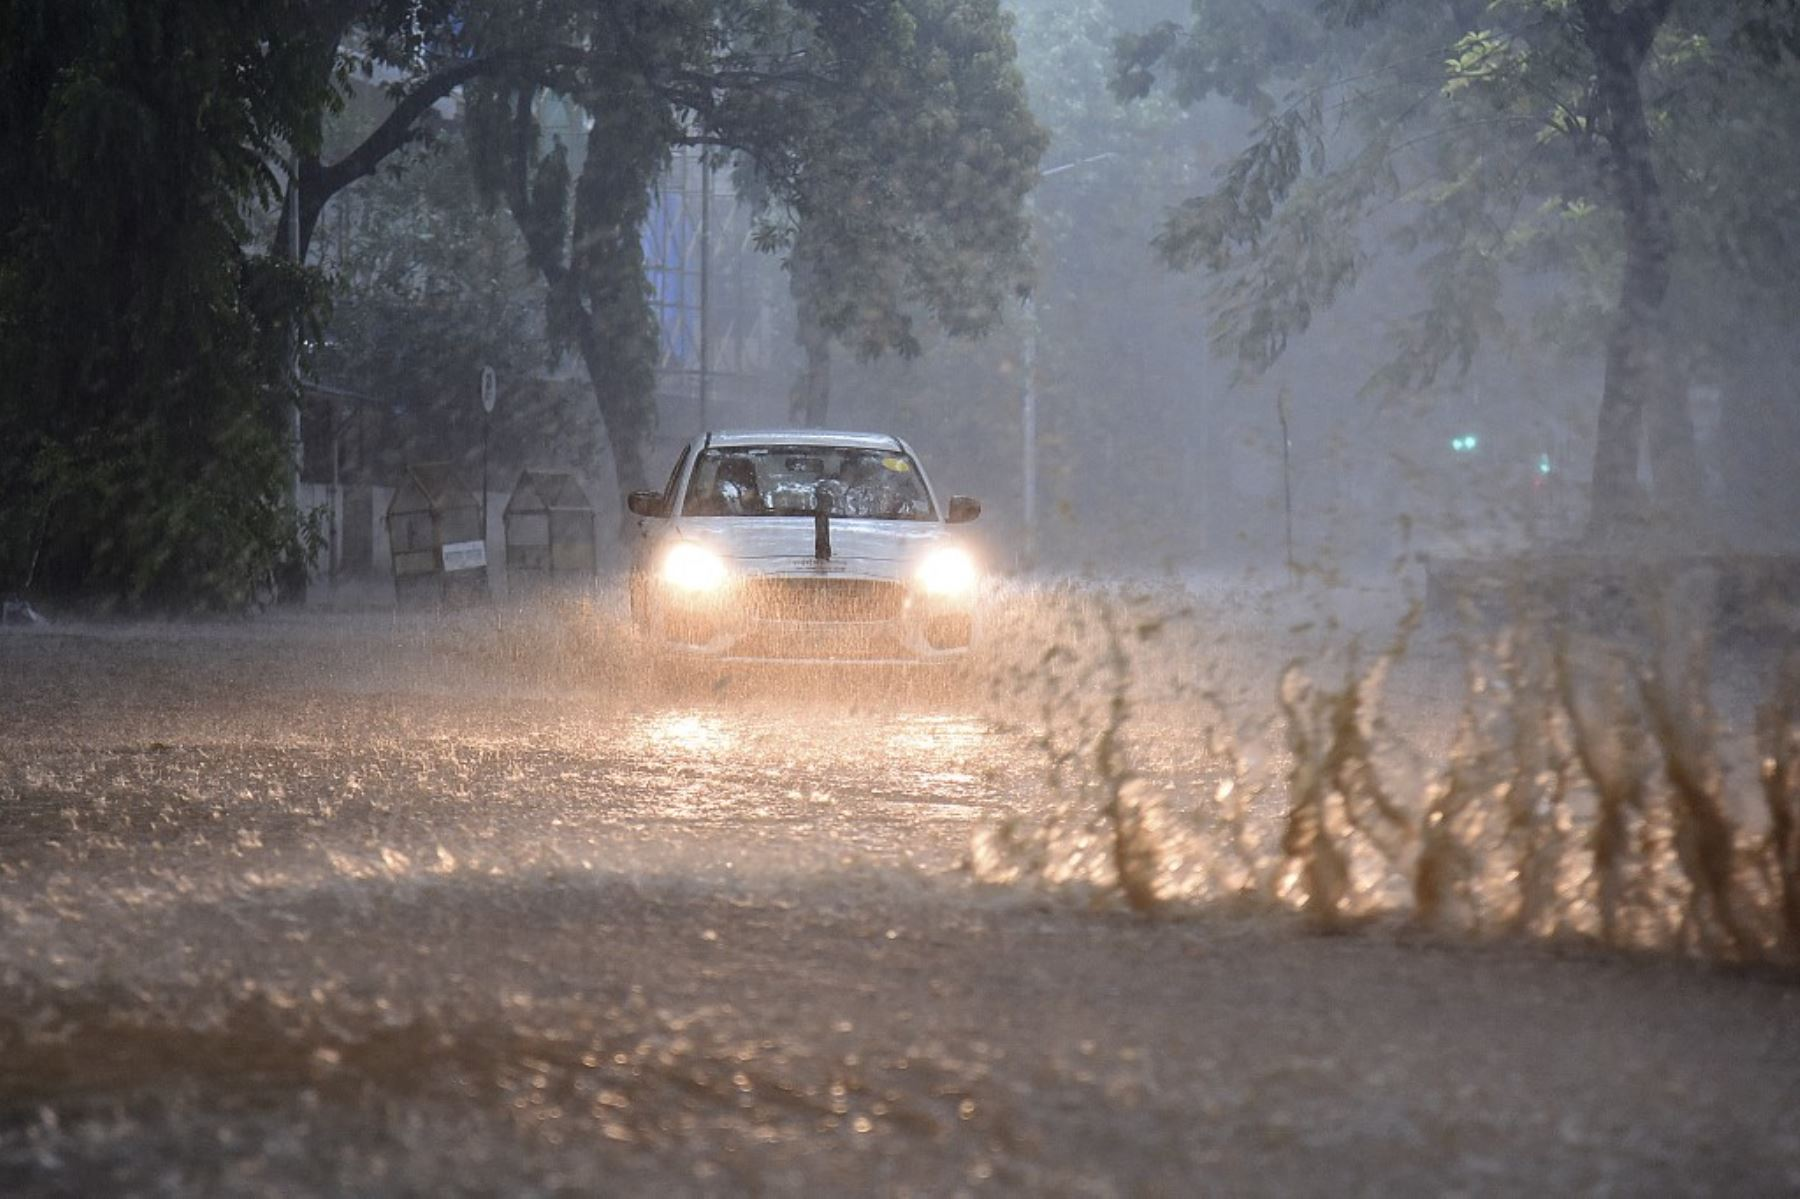 Los viajeros conducen a través de una carretera anegada en medio de las fuertes lluvias en Mumbai el 17 de mayo de 2021, cuando el ciclón Tauktae, con vientos feroces y una amenaza de tormenta destructiva, azotaba India, interrumpiendo la respuesta del país a su devastador brote de Covid-19. Foto: AFP